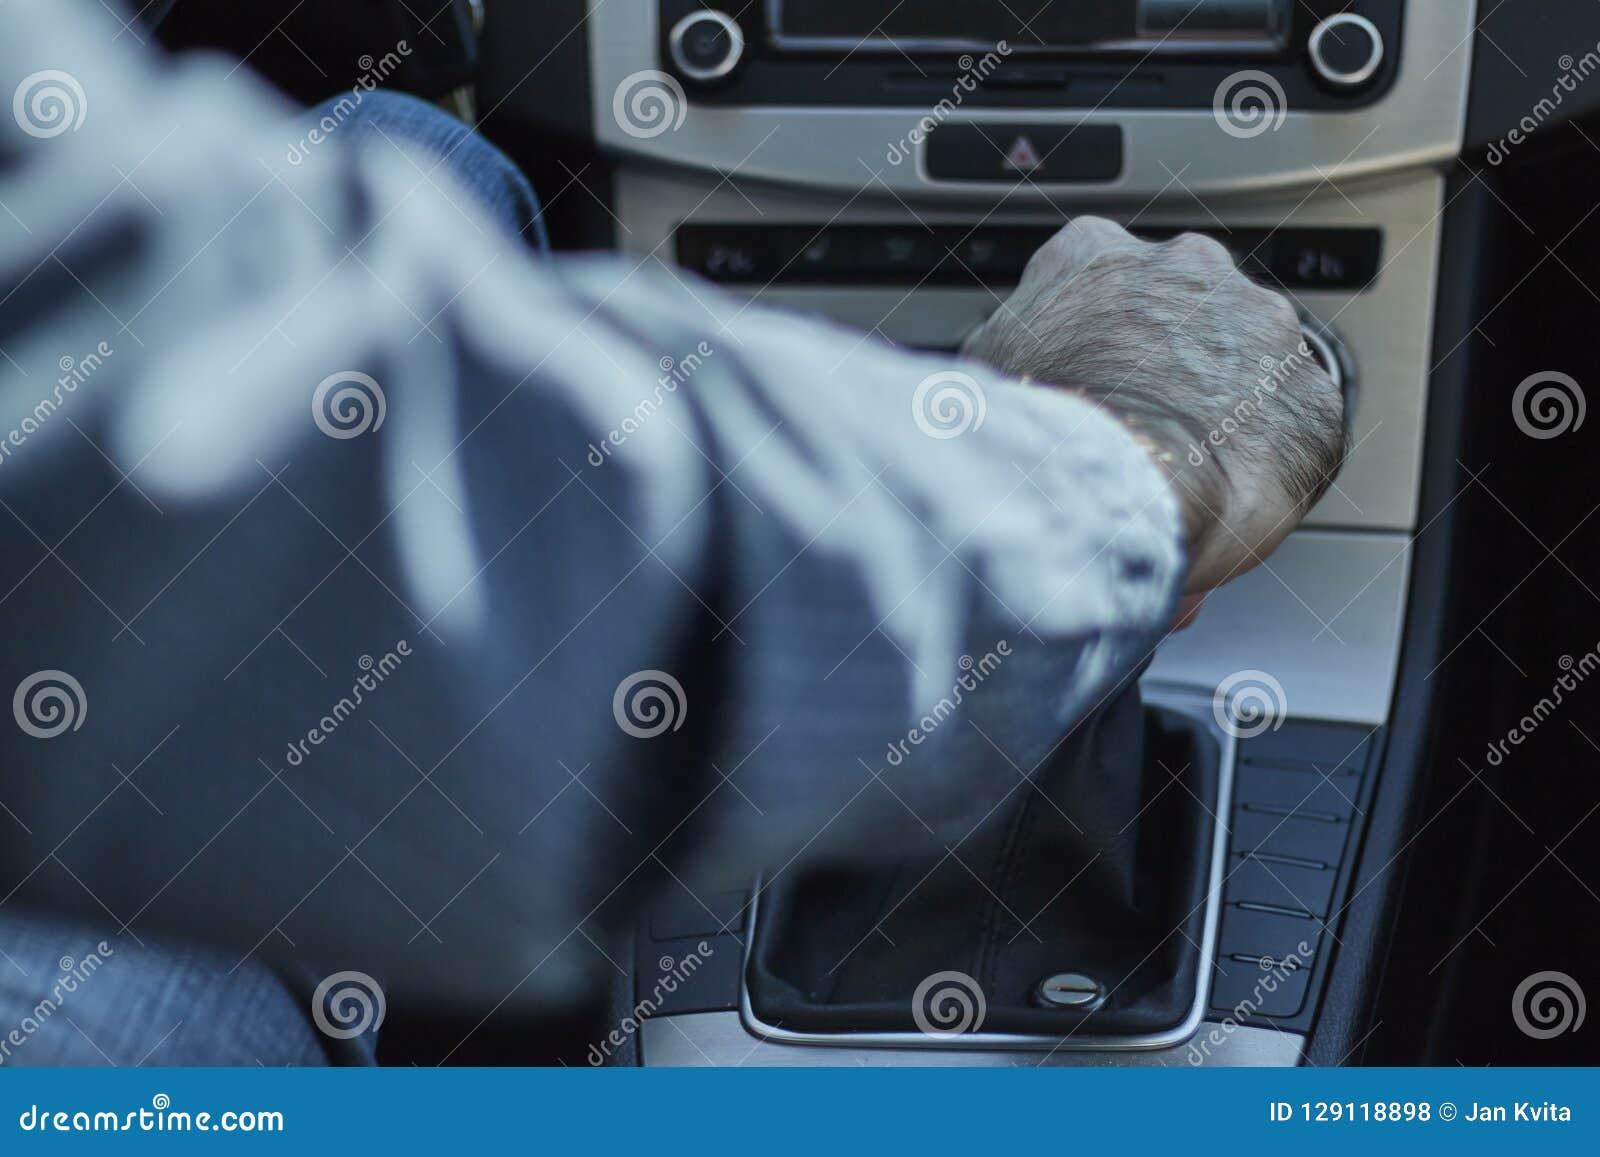 Κινηματογράφηση σε πρώτο πλάνο ενός ατόμου σε ένα μεταβαλλόμενο εργαλείο αυτοκινήτων με το χέρι του